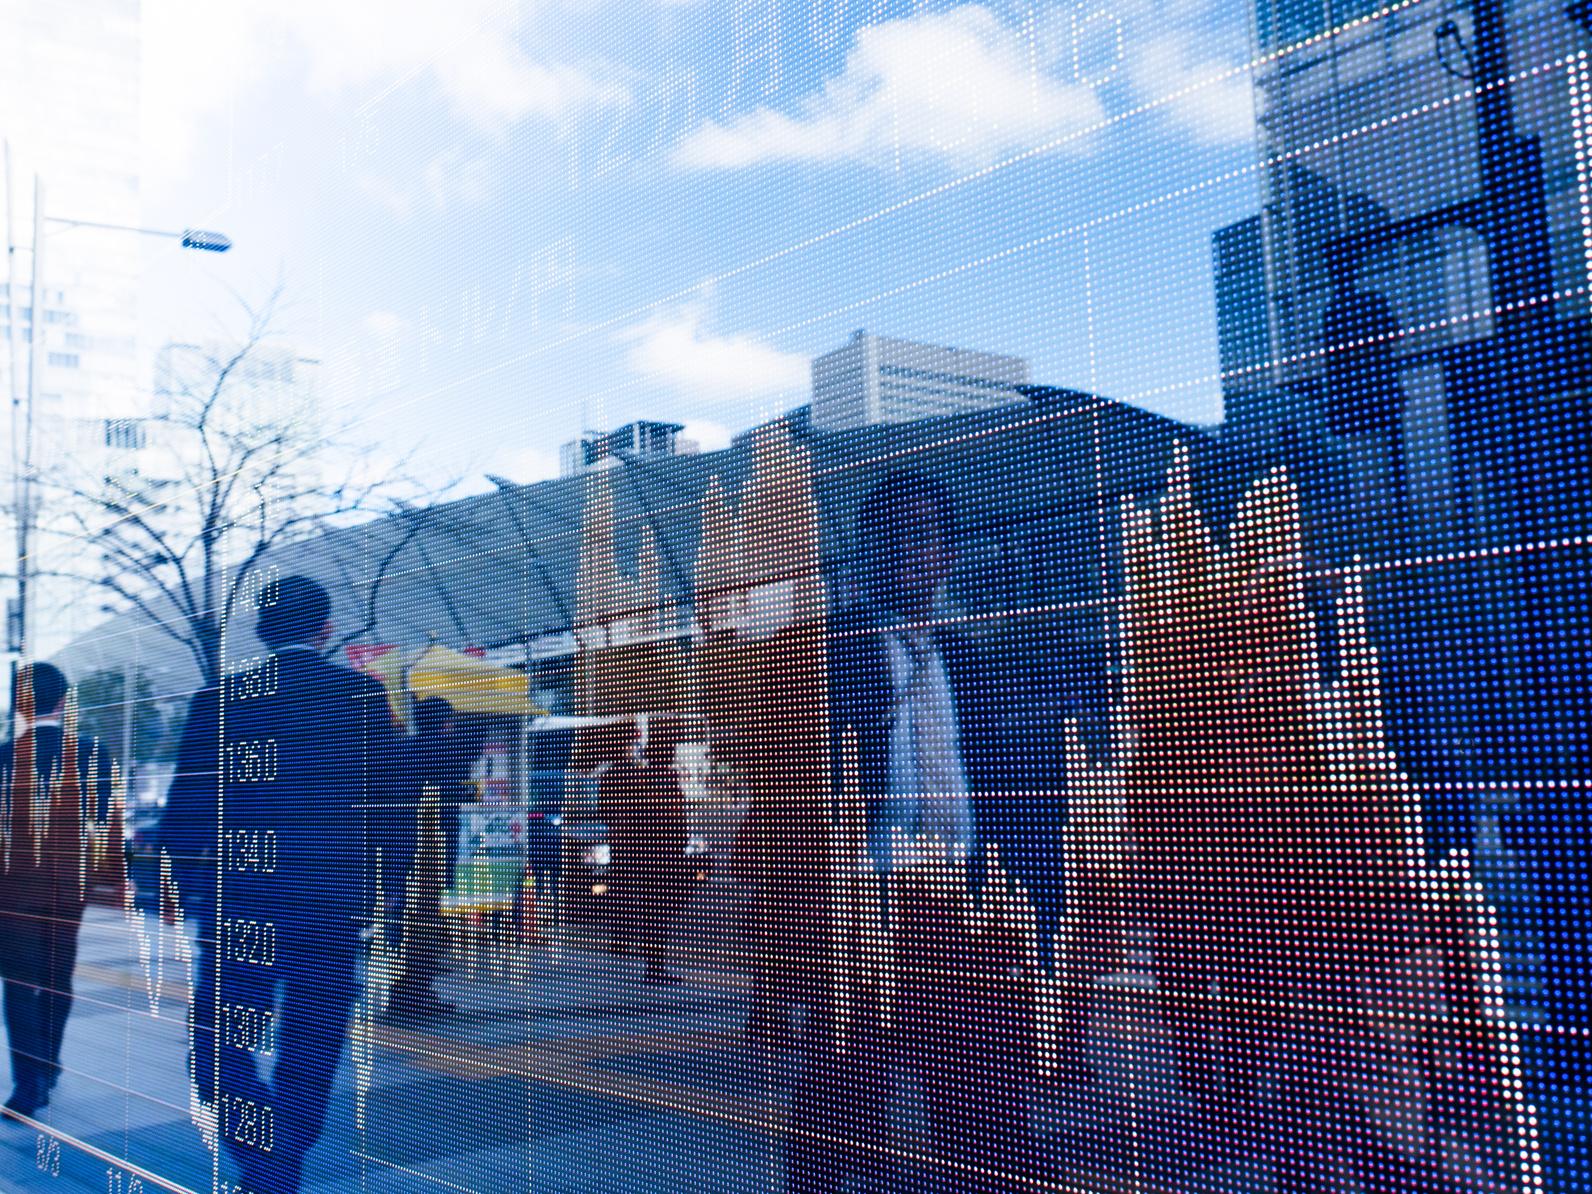 【ジャスダックとは?】大化け株も存在?JASDAQ(JQ)の概要と上場審査基準を解説。